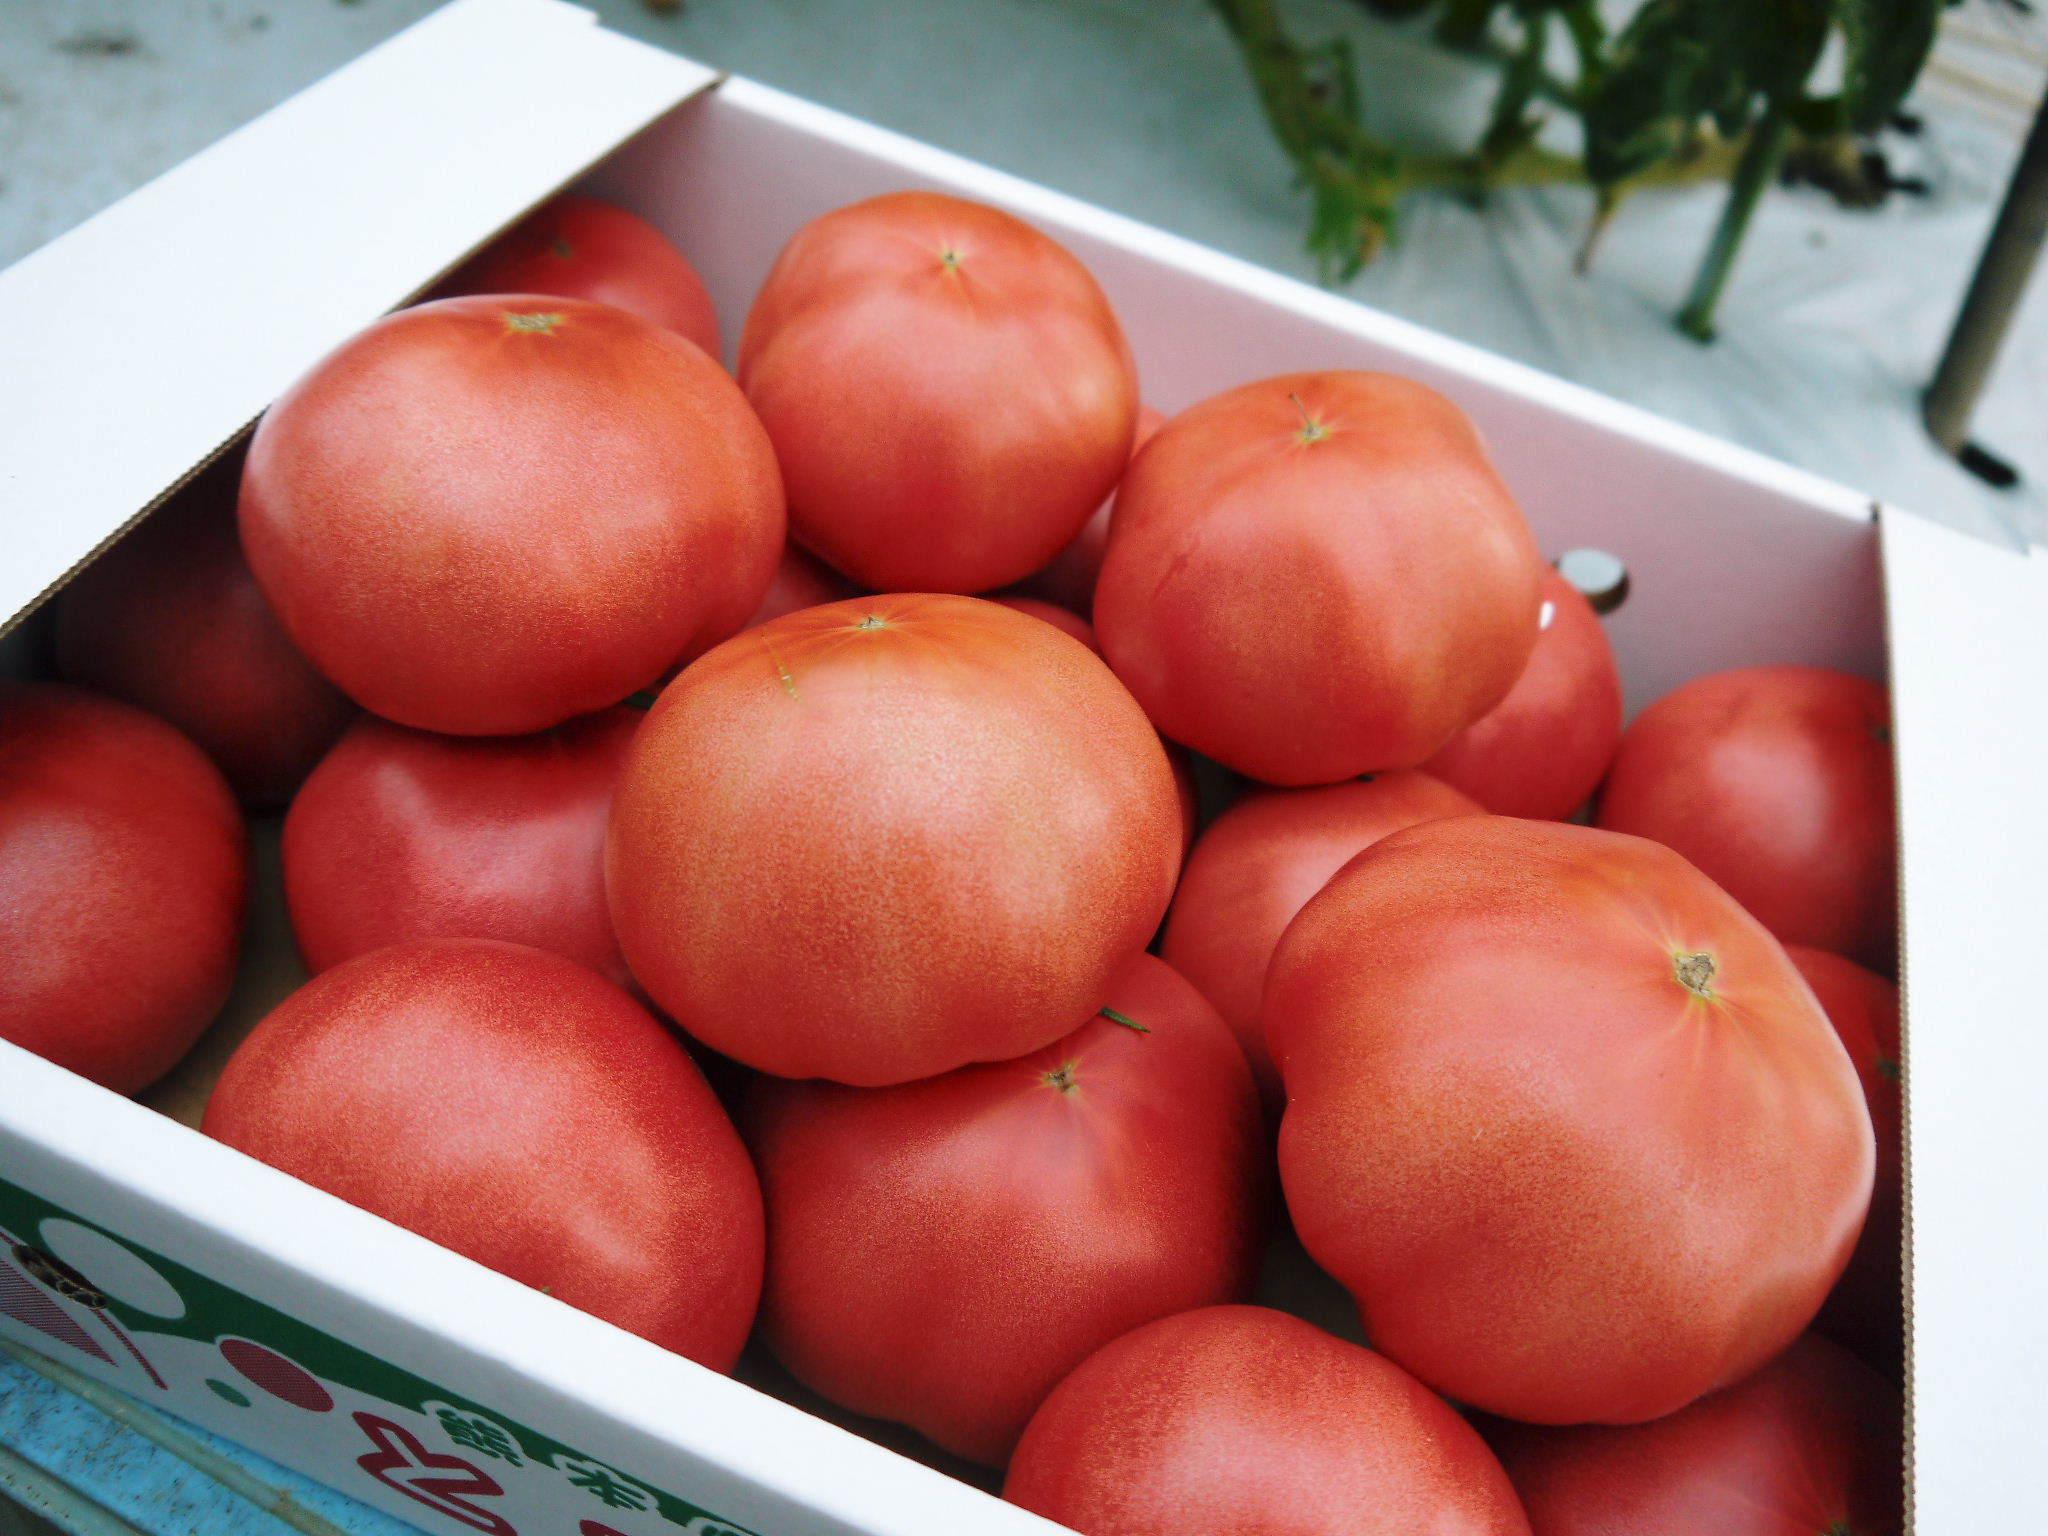 樹上完熟の朝採りトマト 最旬食材!大好評販売中!朝採り収穫の様子を現地取材!_a0254656_19322486.jpg